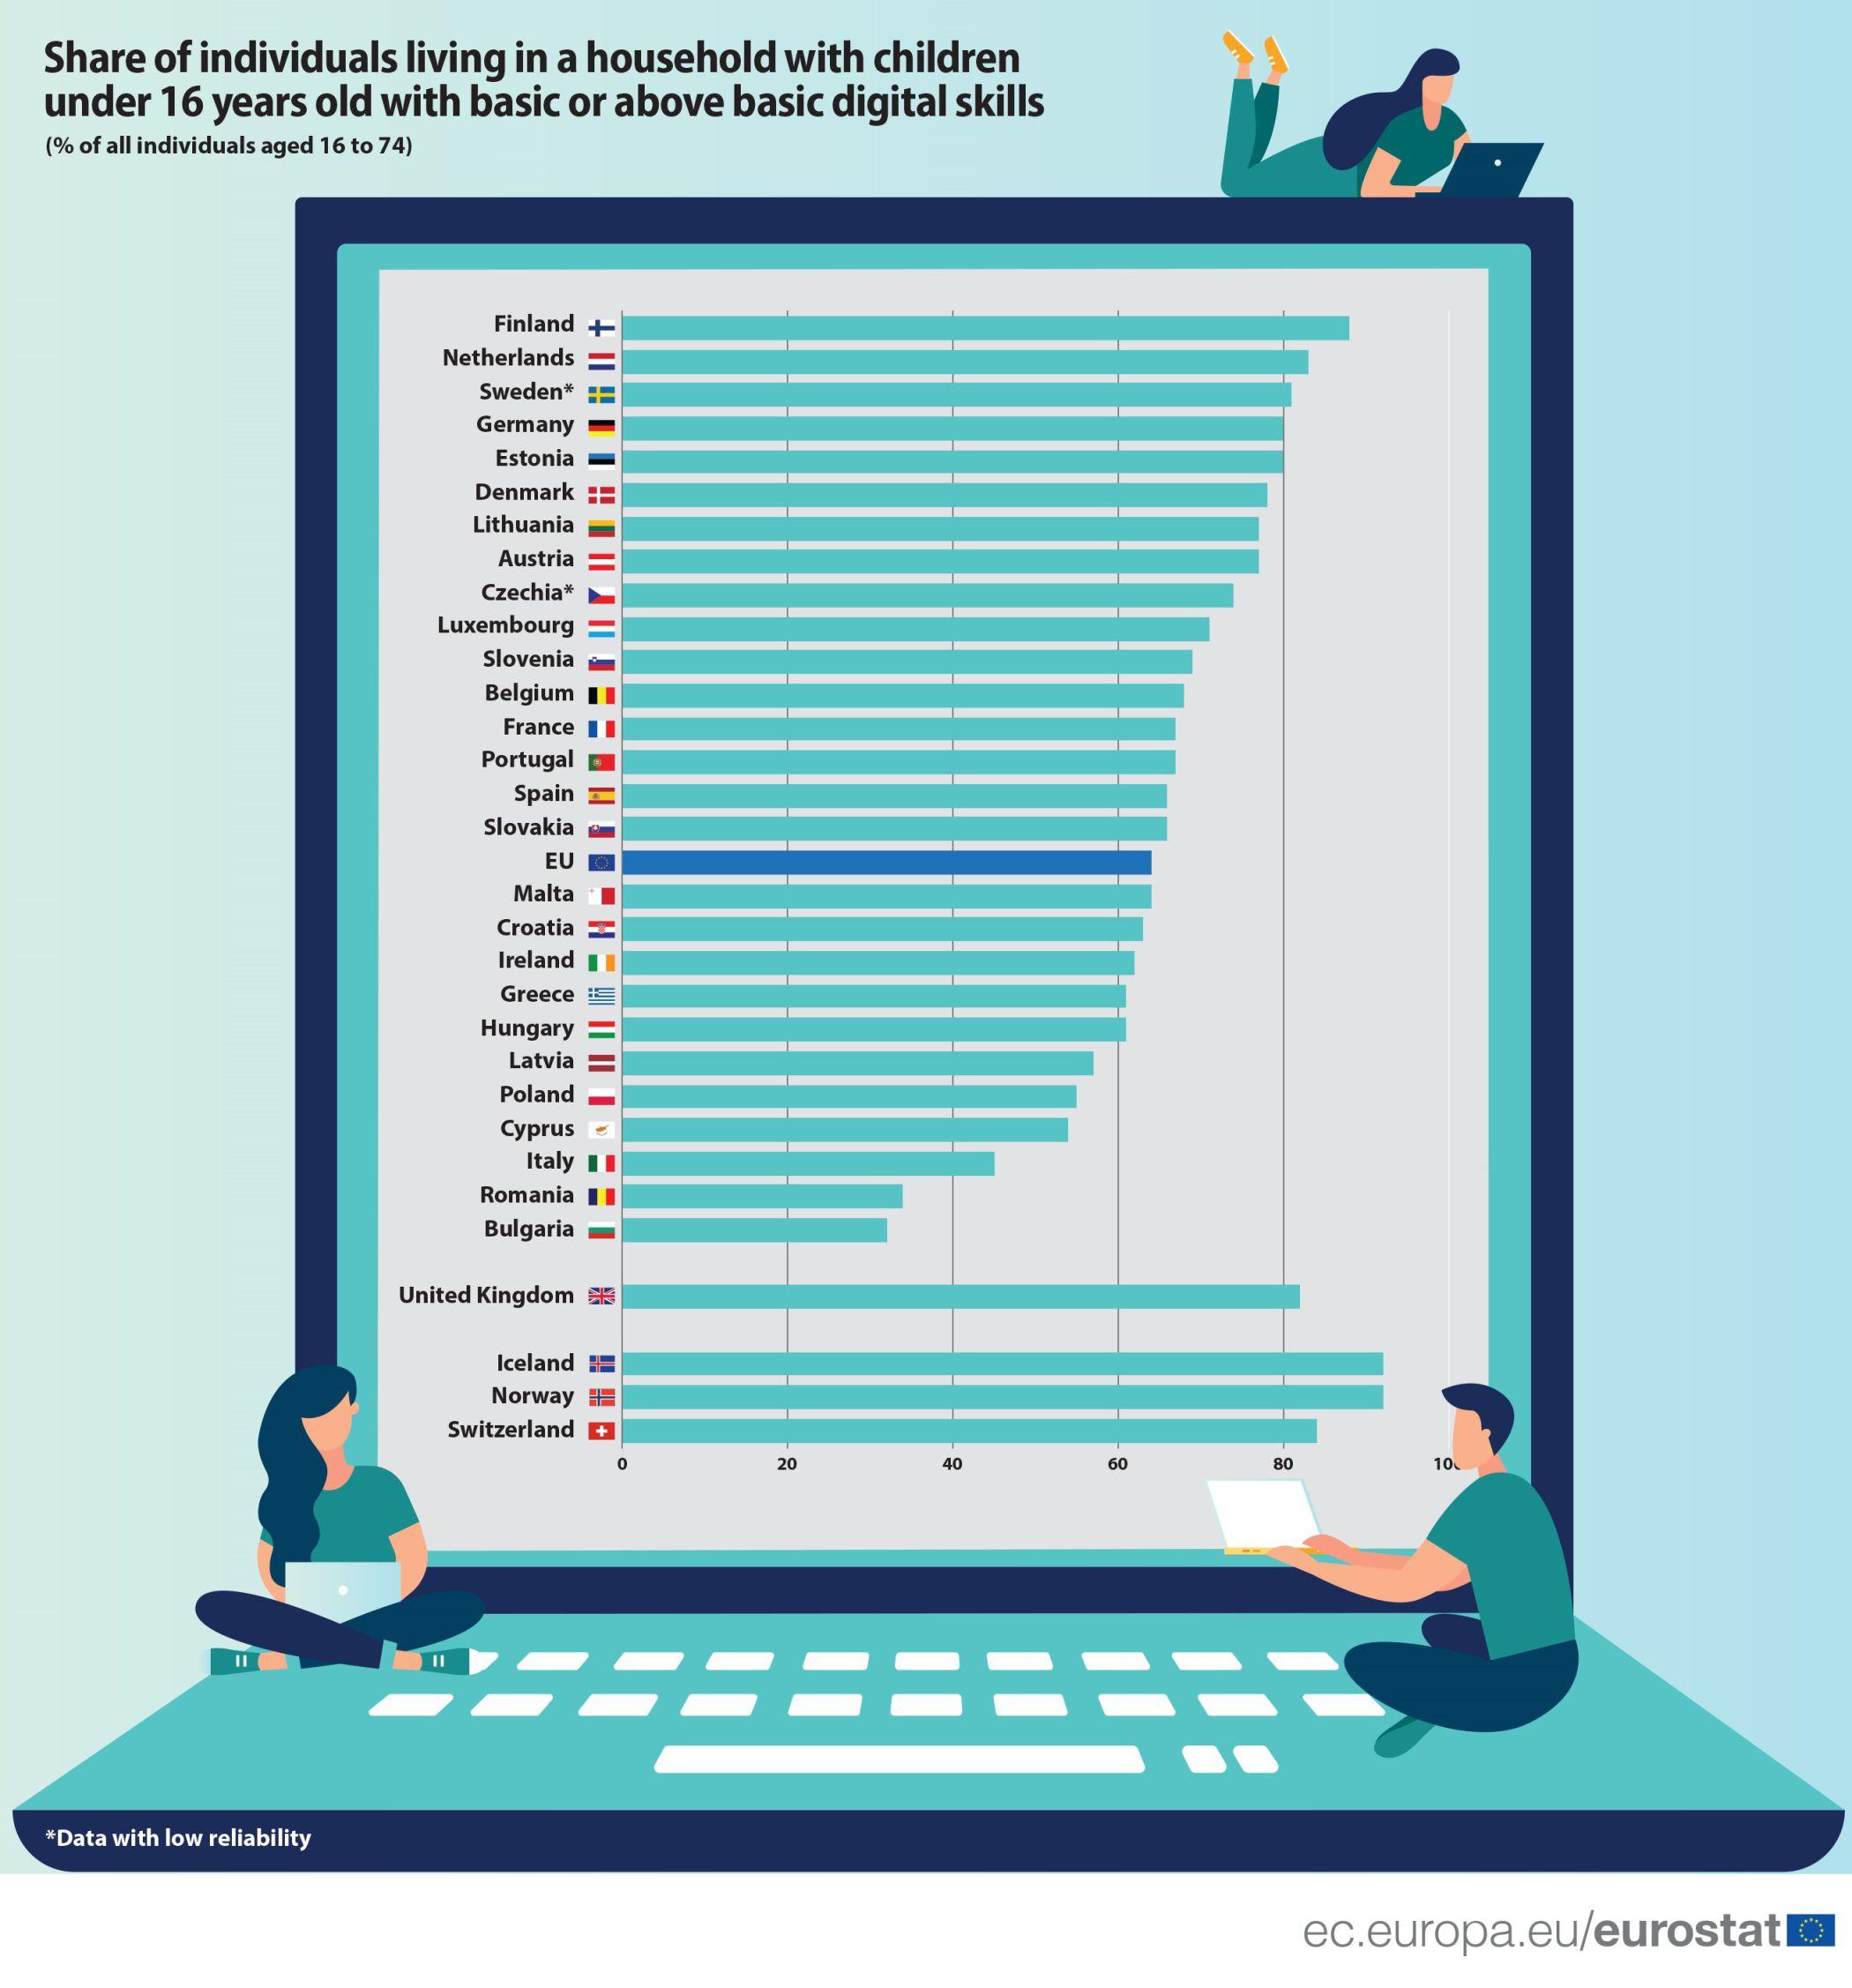 Protsent inimestest, kellel on Euroopas 2019. aastal tagatud põhilised digitaalsed oskused